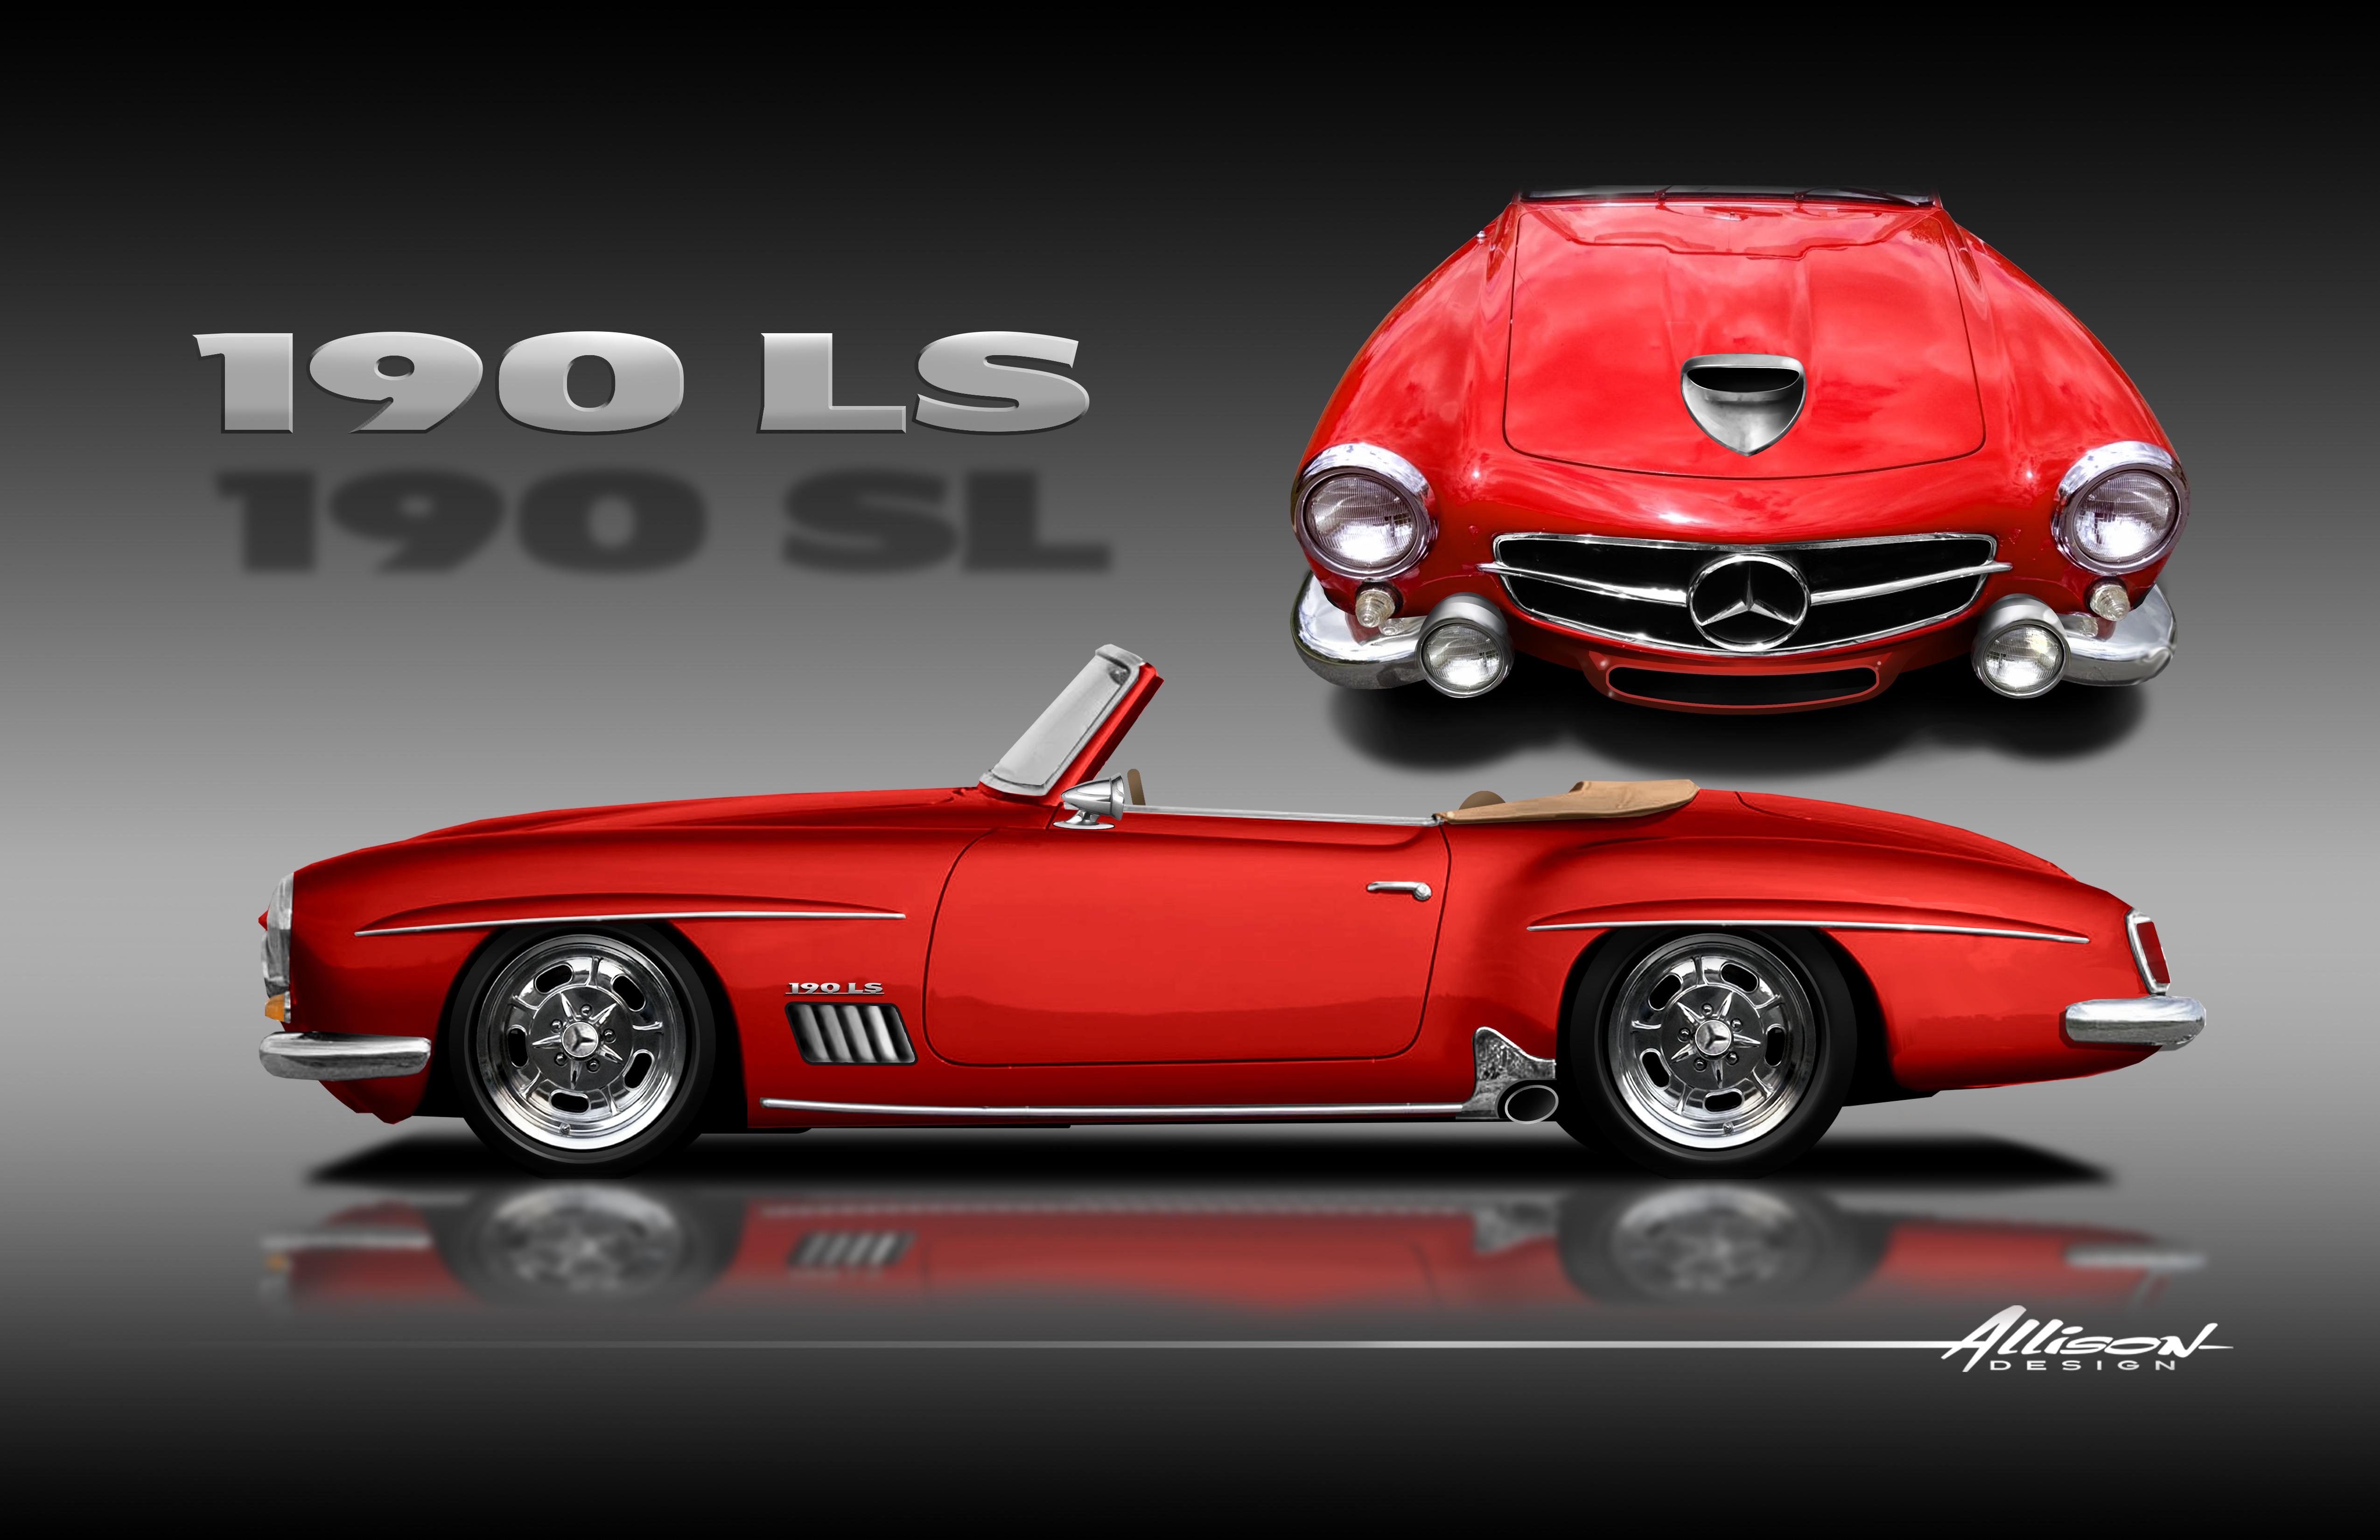 190 LS RED ROCKER